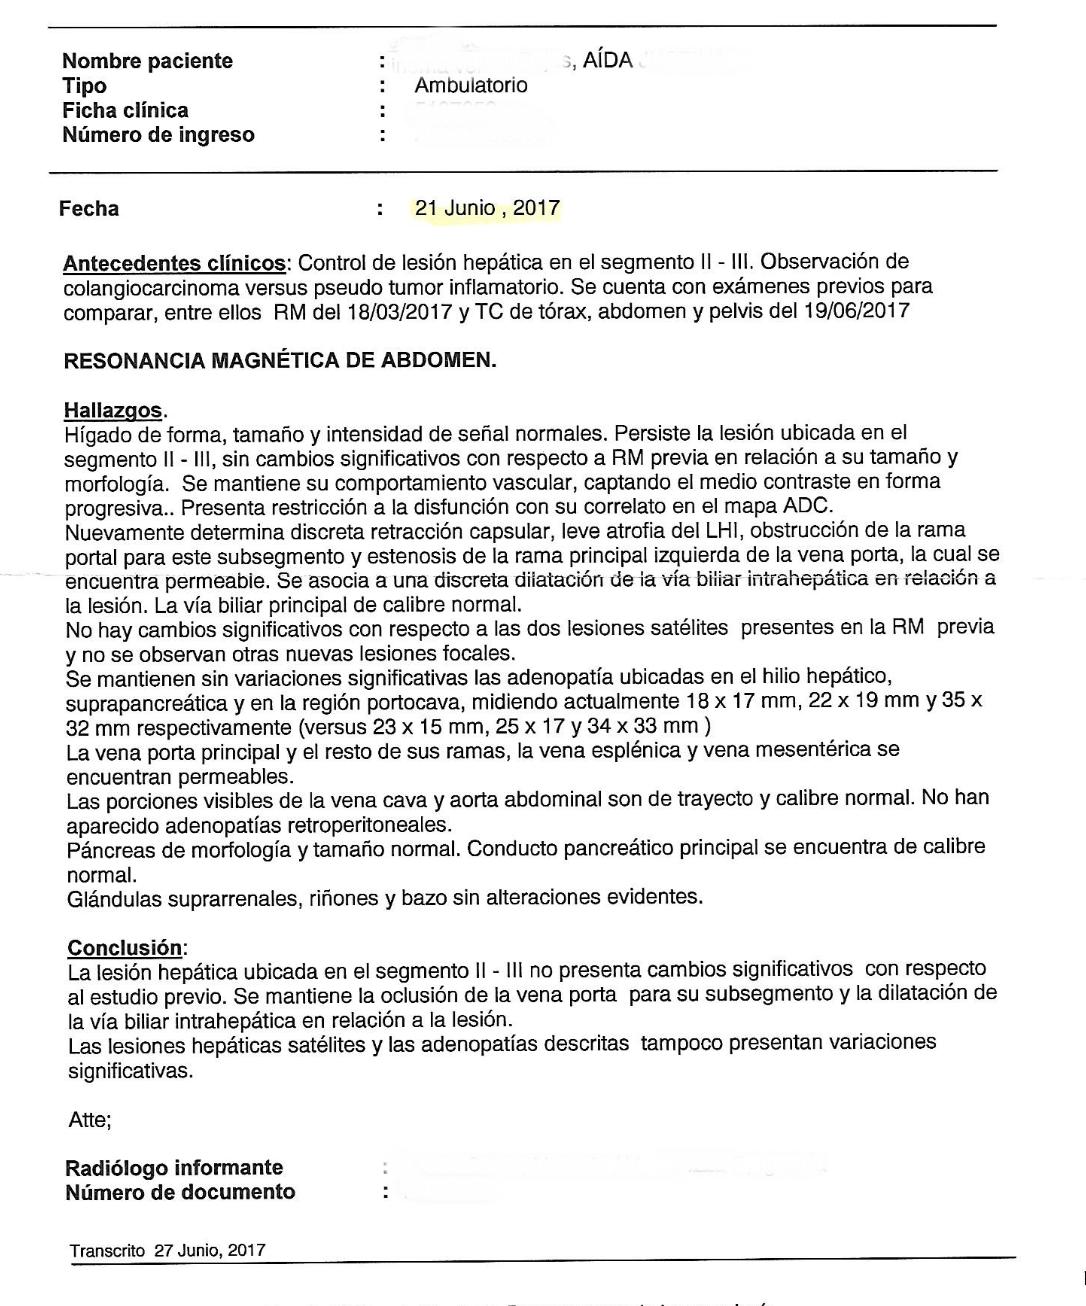 LifEscozul® - Aida 5 - Cáncer de Hígado